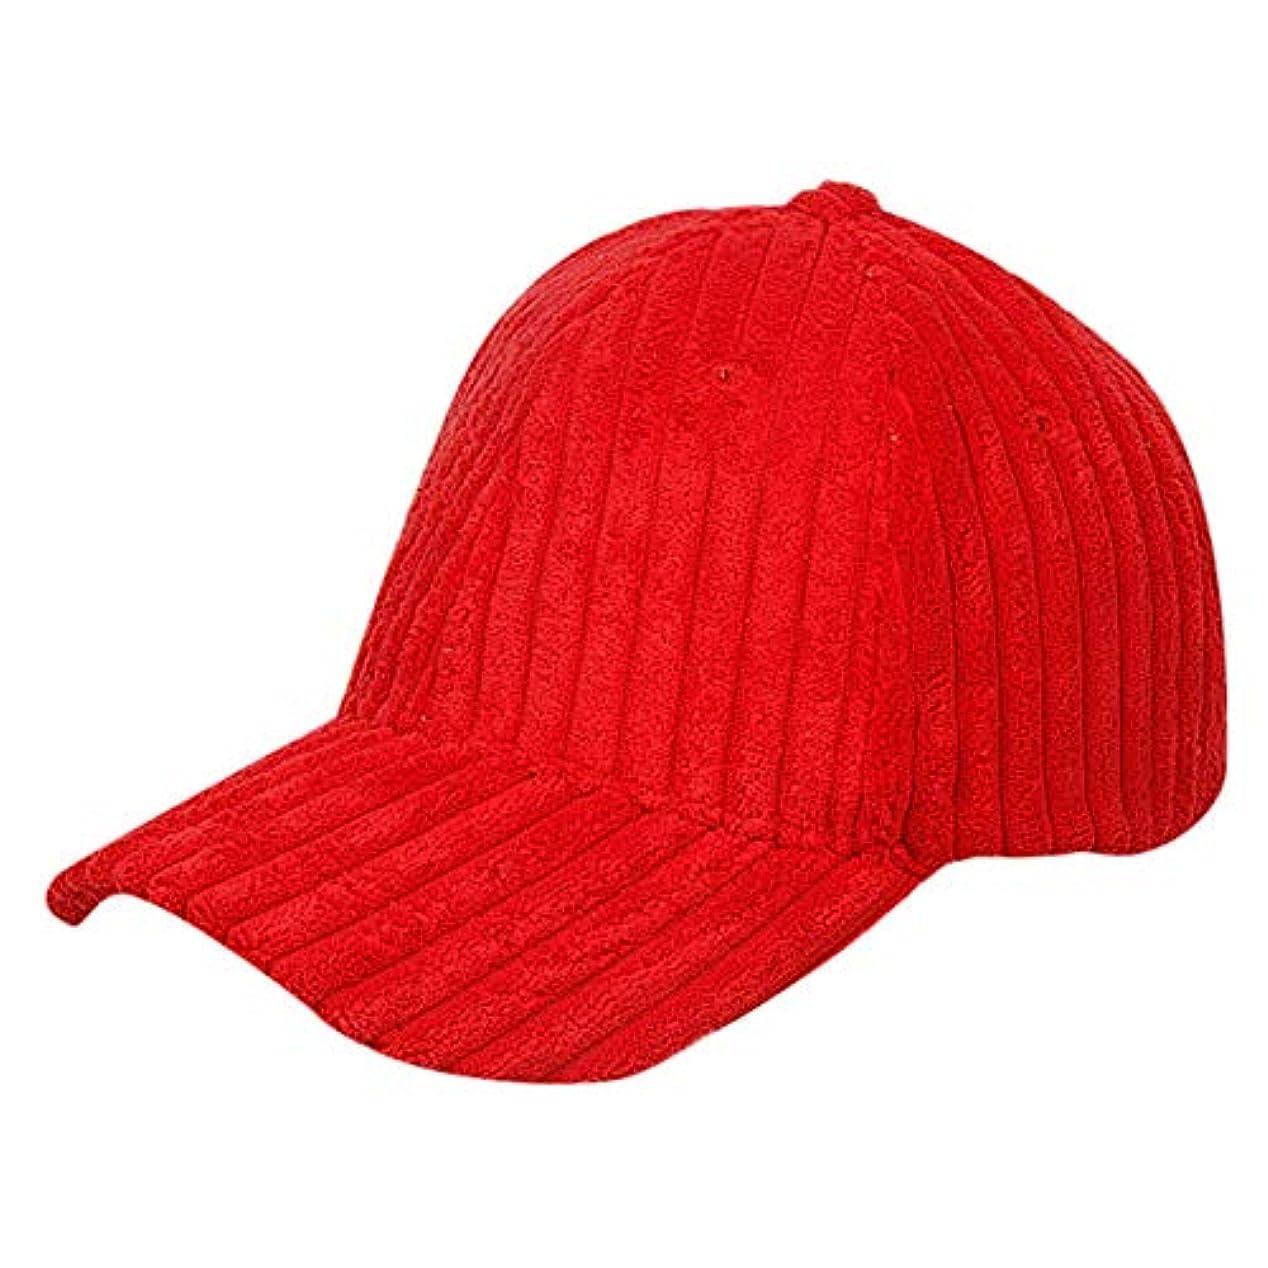 時々時々楕円形質量Racazing Cap コーデュロイ 野球帽 迷彩 冬 登山 通気性のある メッシュ 帽子 ベルクロ 可調整可能 ストライプ 刺繍 棒球帽 UV 帽子 軽量 屋外 Unisex Hat (赤)